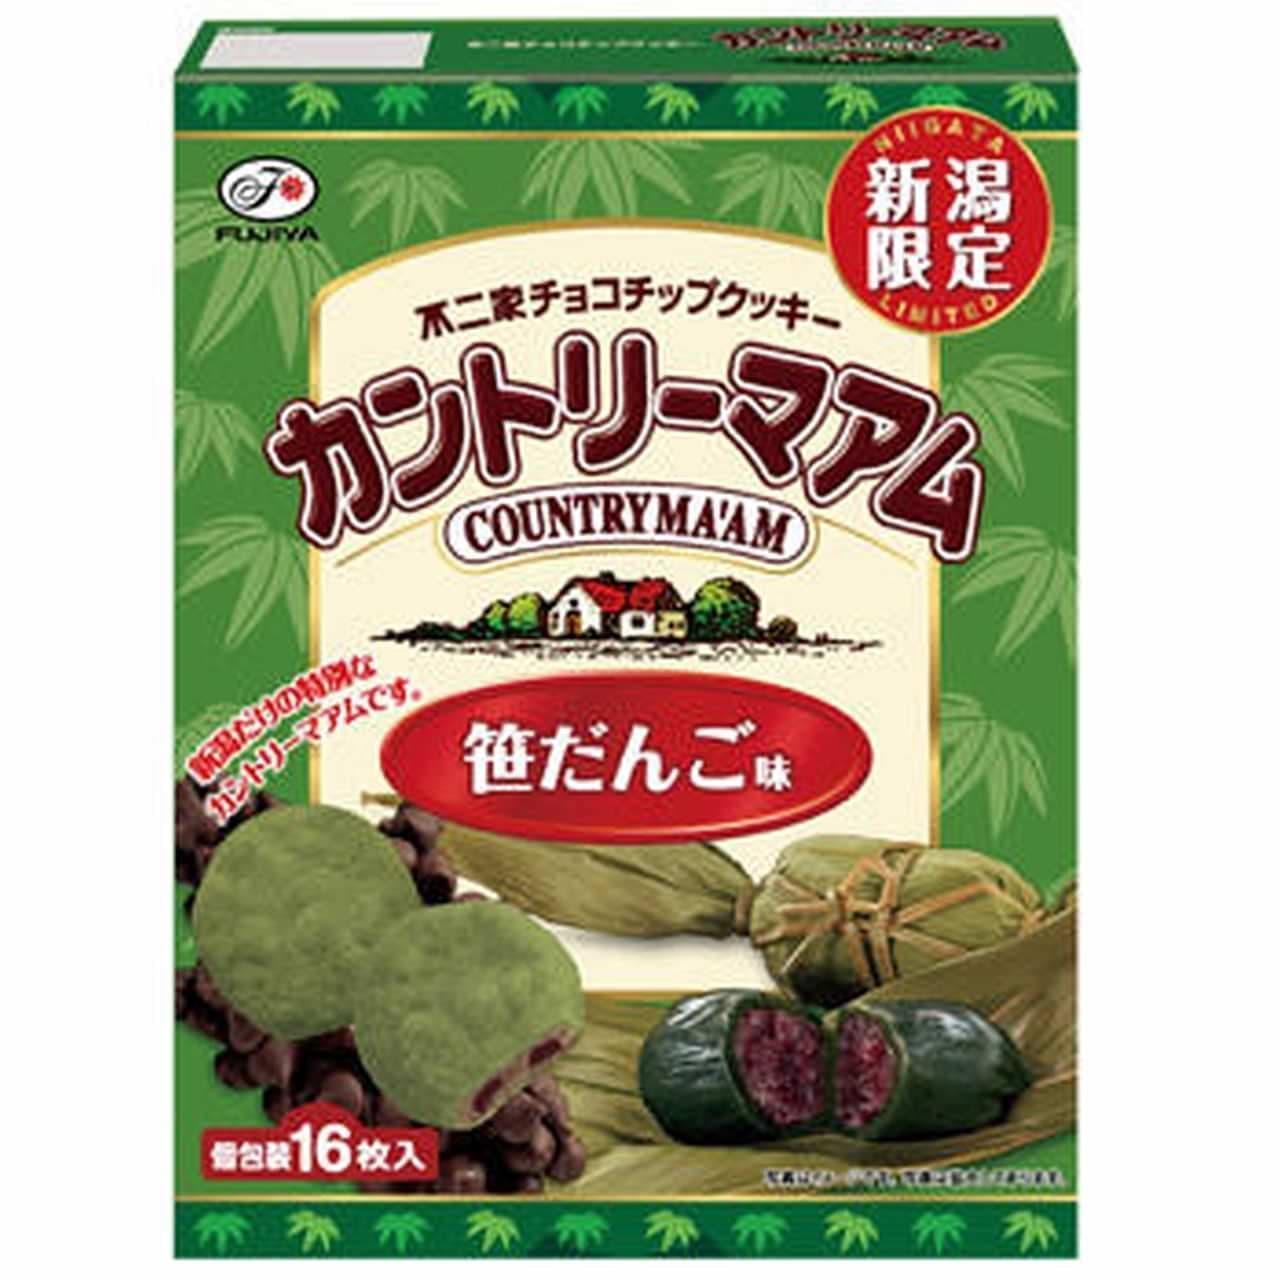 カントリーマアム「【新潟限定】16枚カントリーマアム(笹だんご味)」